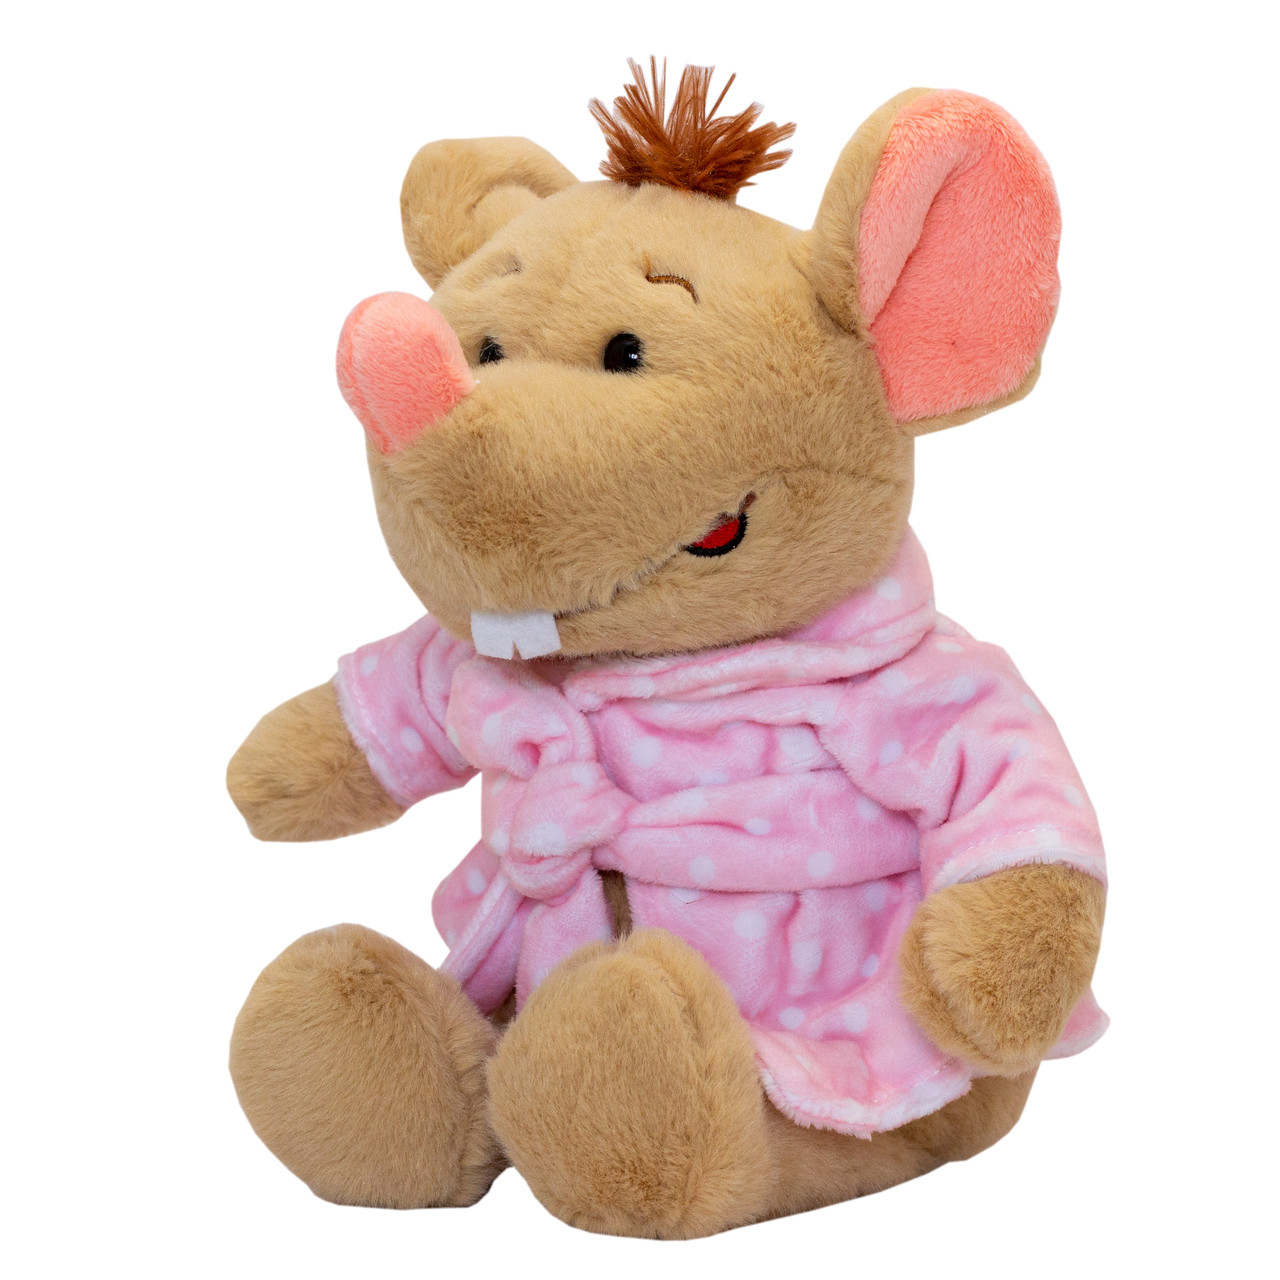 М'яка іграшка - щур в рожевому халаті, 24 см, бежевий, поліестер (M1810024D-1)